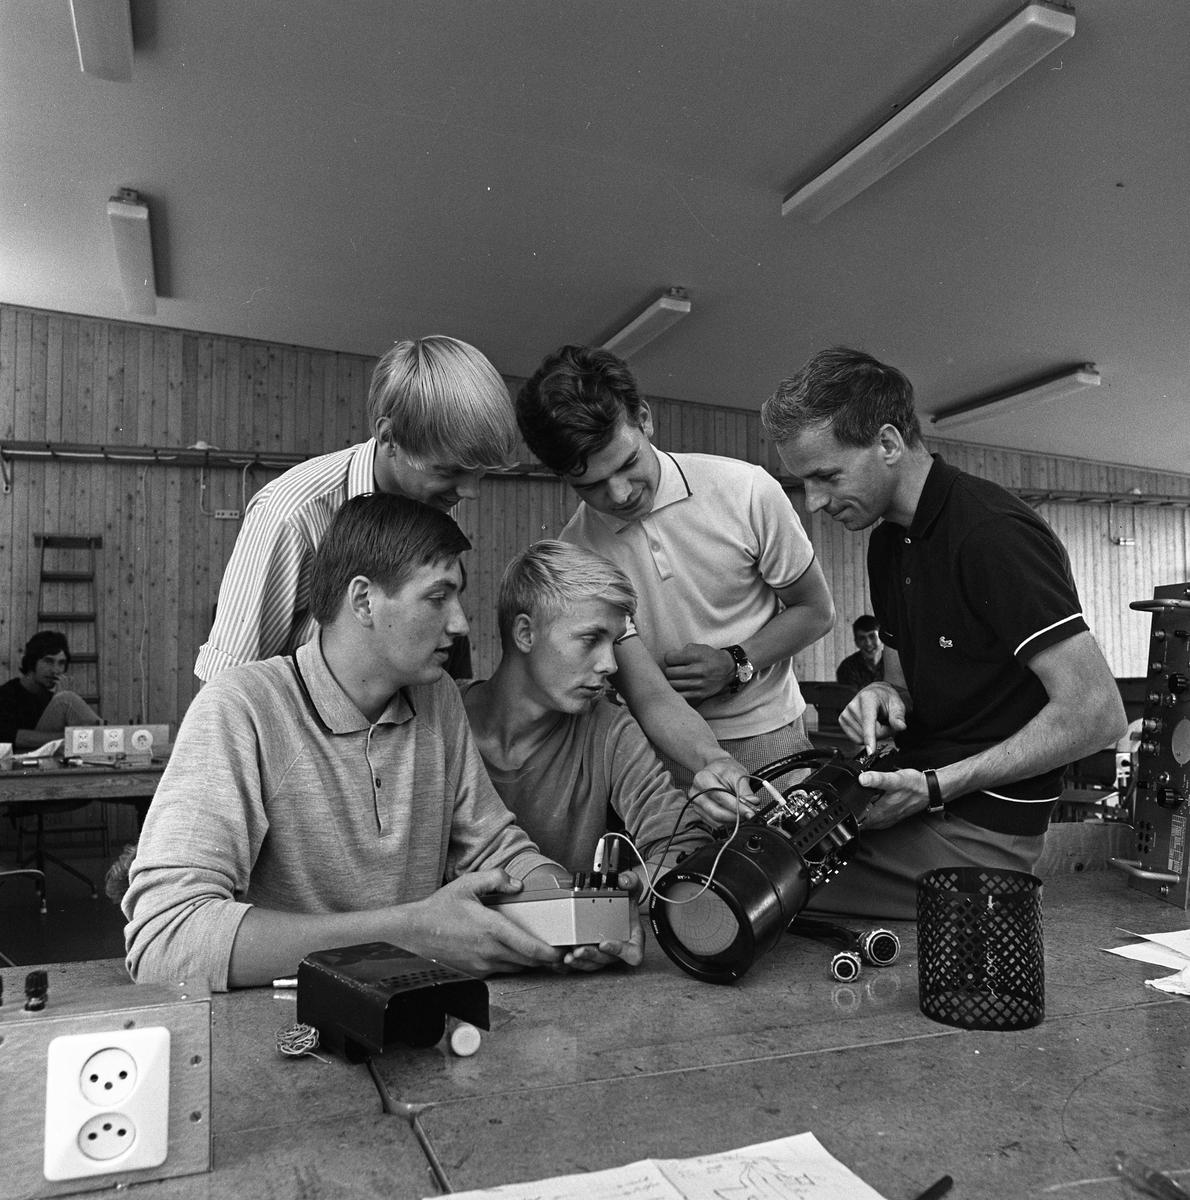 Yrkesskolan. Lärare Åke West tillsammans med elever. De båda stående eleverna är: okänd och Hans Hellberg De båda sittande eleverna är: Bengt Jonsson (Korv-Jonsson) och Gunnar Franzén De studerar en elektrisk apparat